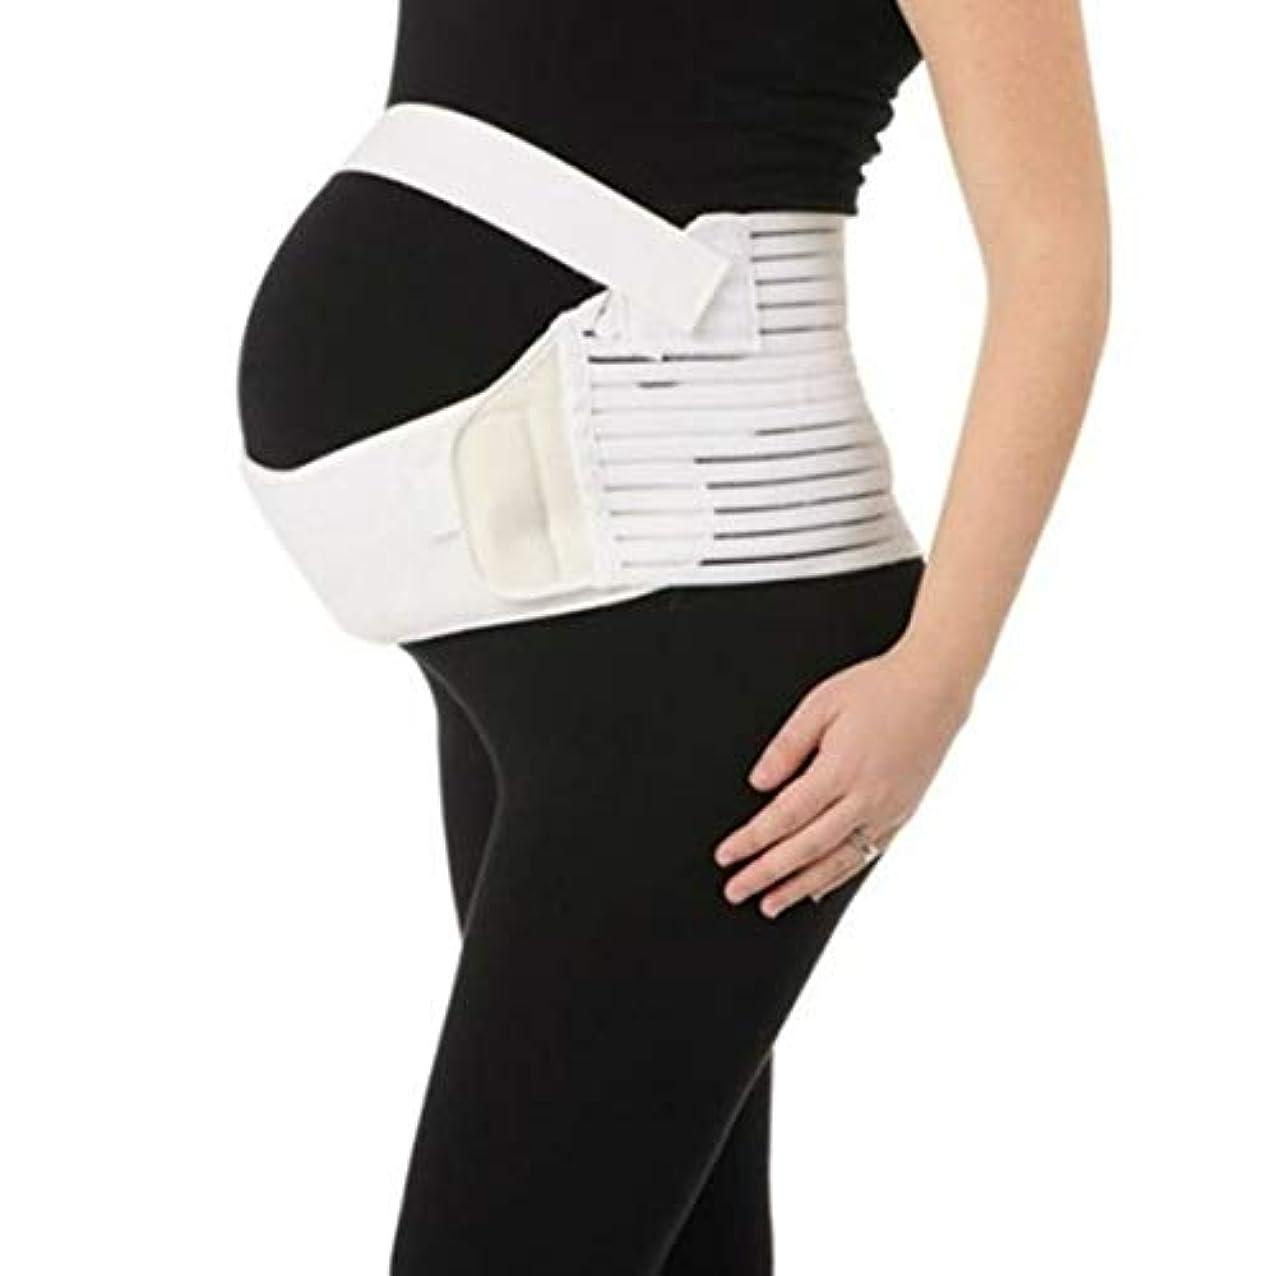 後ろにシェア故意の通気性マタニティベルト妊娠腹部サポート腹部バインダーガードル運動包帯産後の回復shapewear - ホワイトL